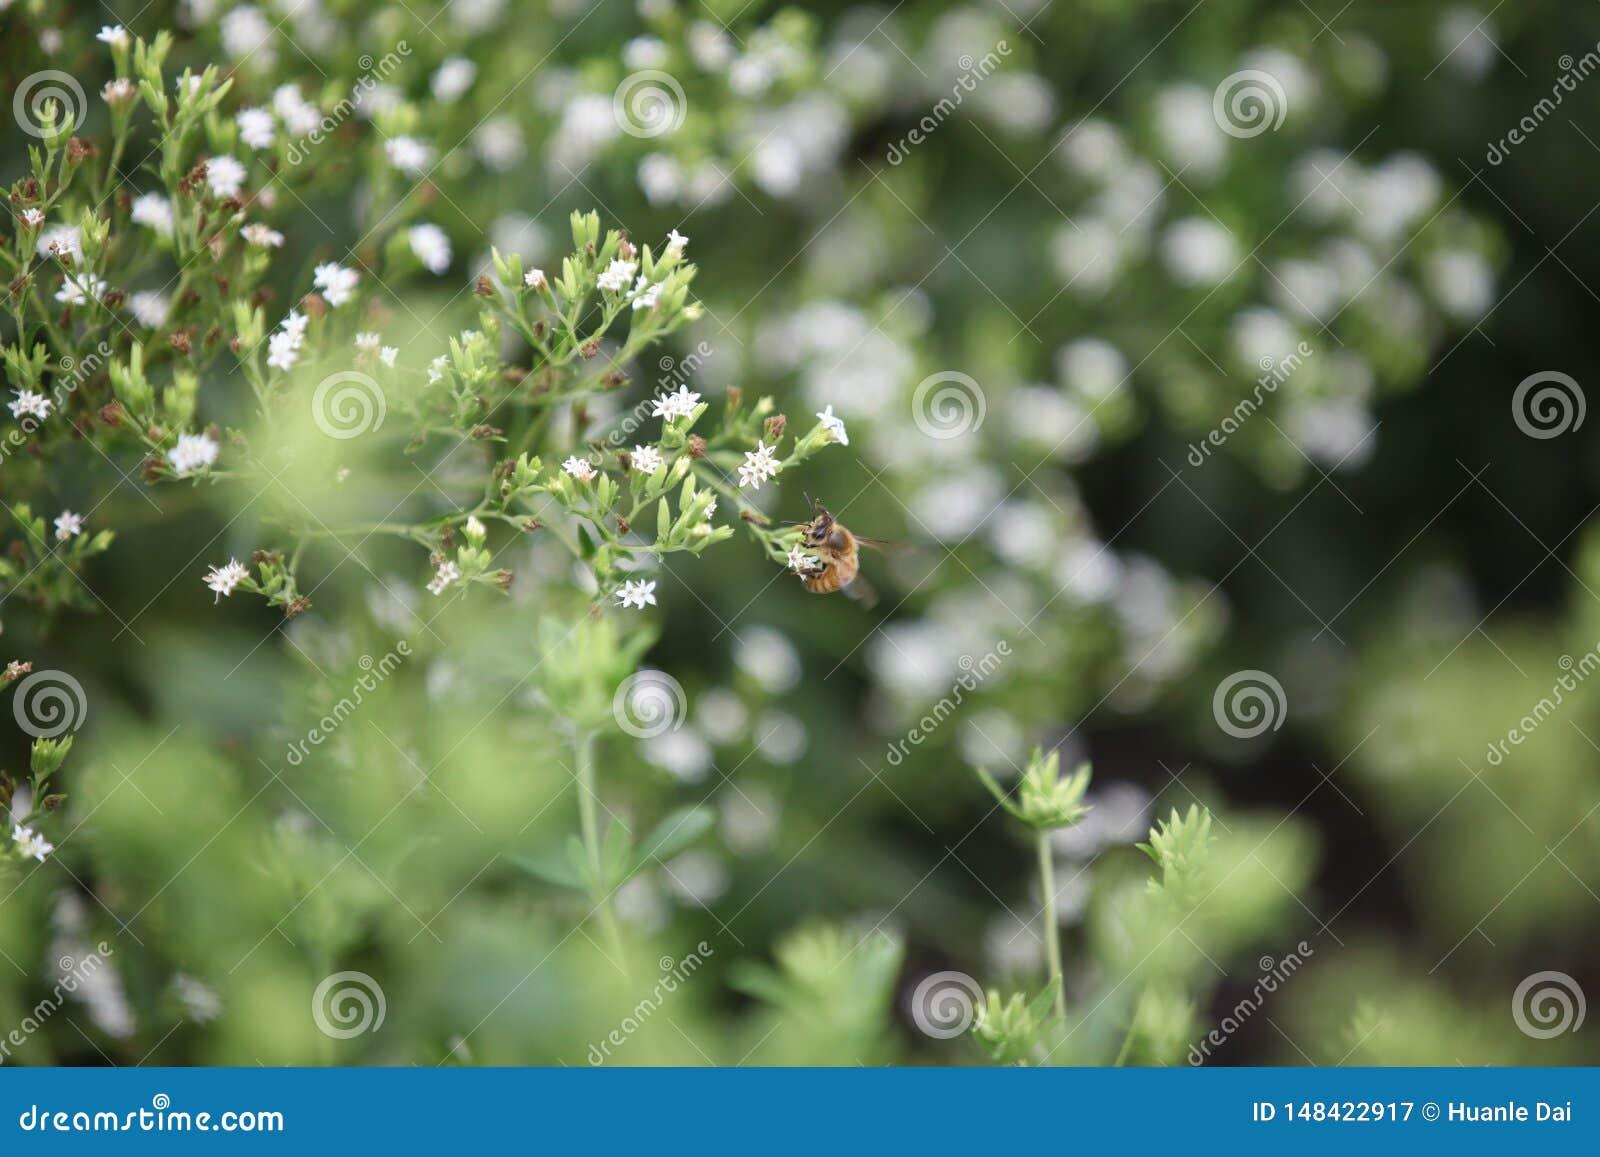 Biene auf einem Steviagebiet